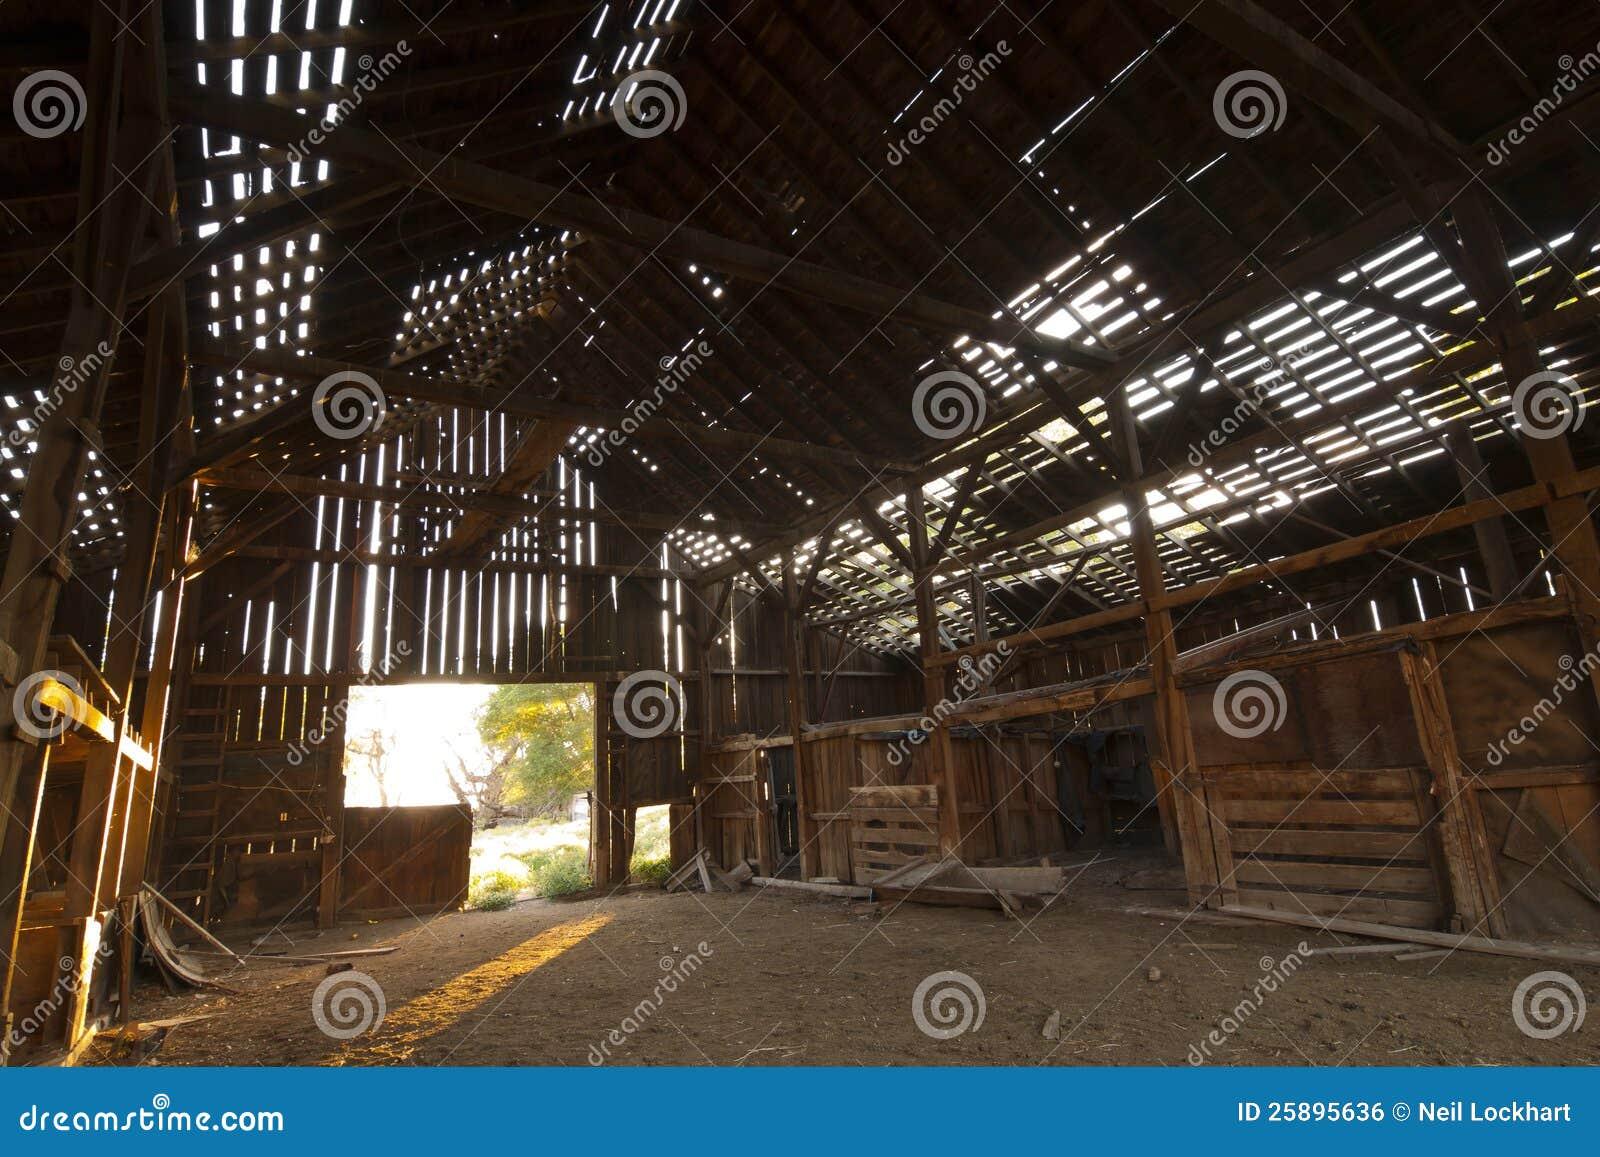 Abandoned Barn Inside Royalty Free Stock Image Image